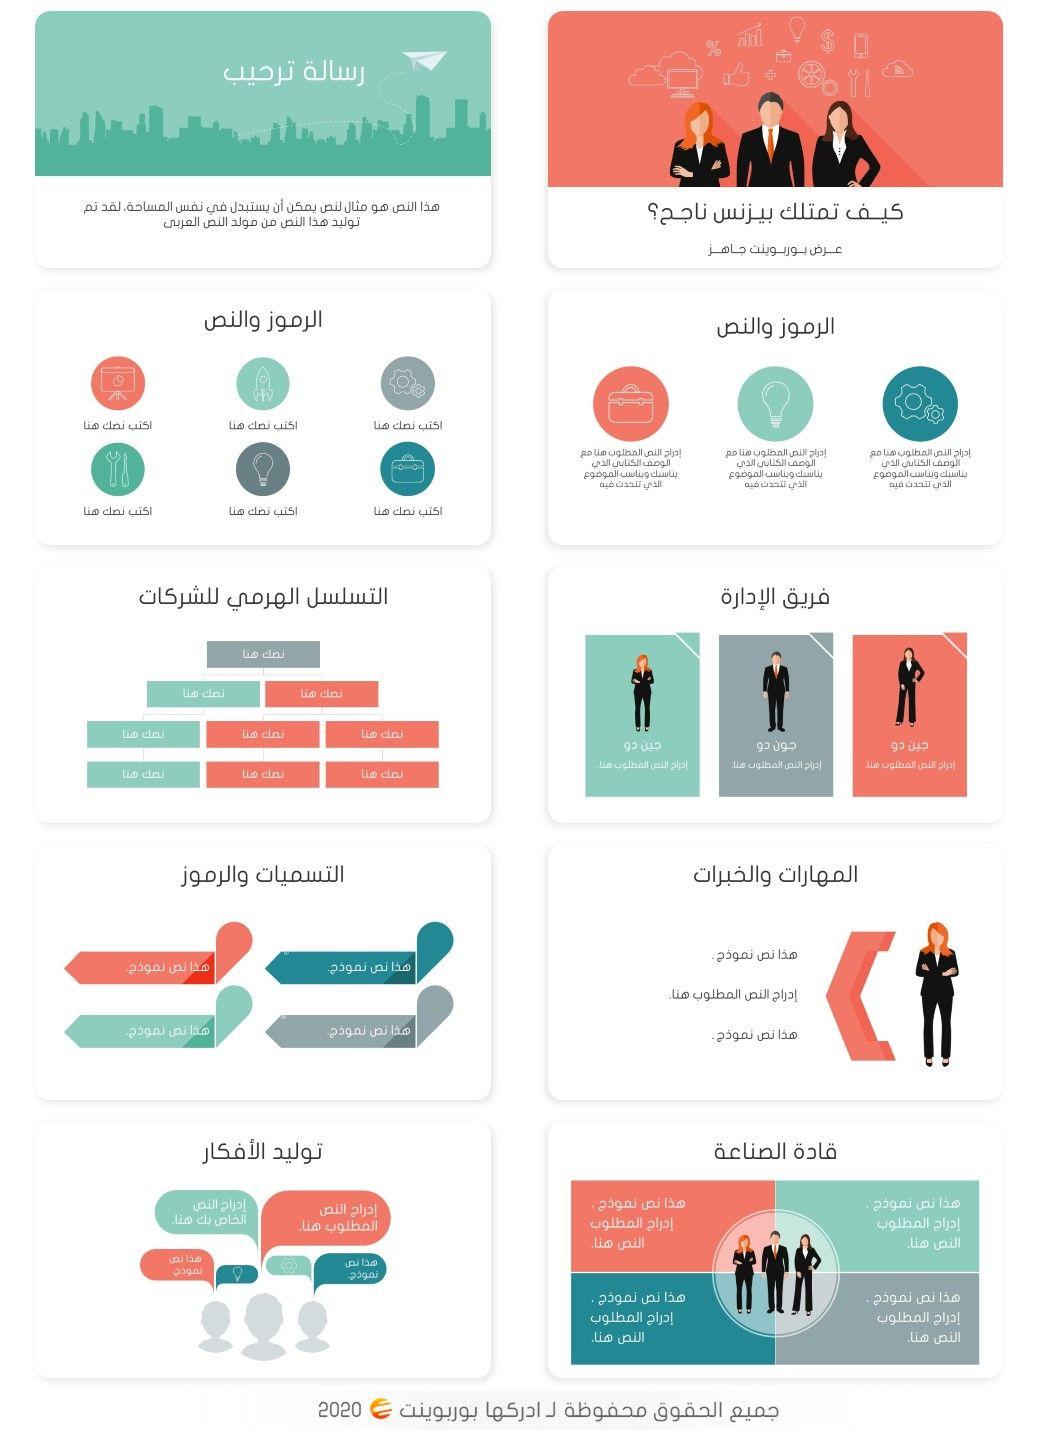 نماذج بوربوينت لعمل عرض تقديمي في البزنس والاعمال ادركها بوربوينت Powerpoint Design Powerpoint Background Design Powerpoint Design Templates